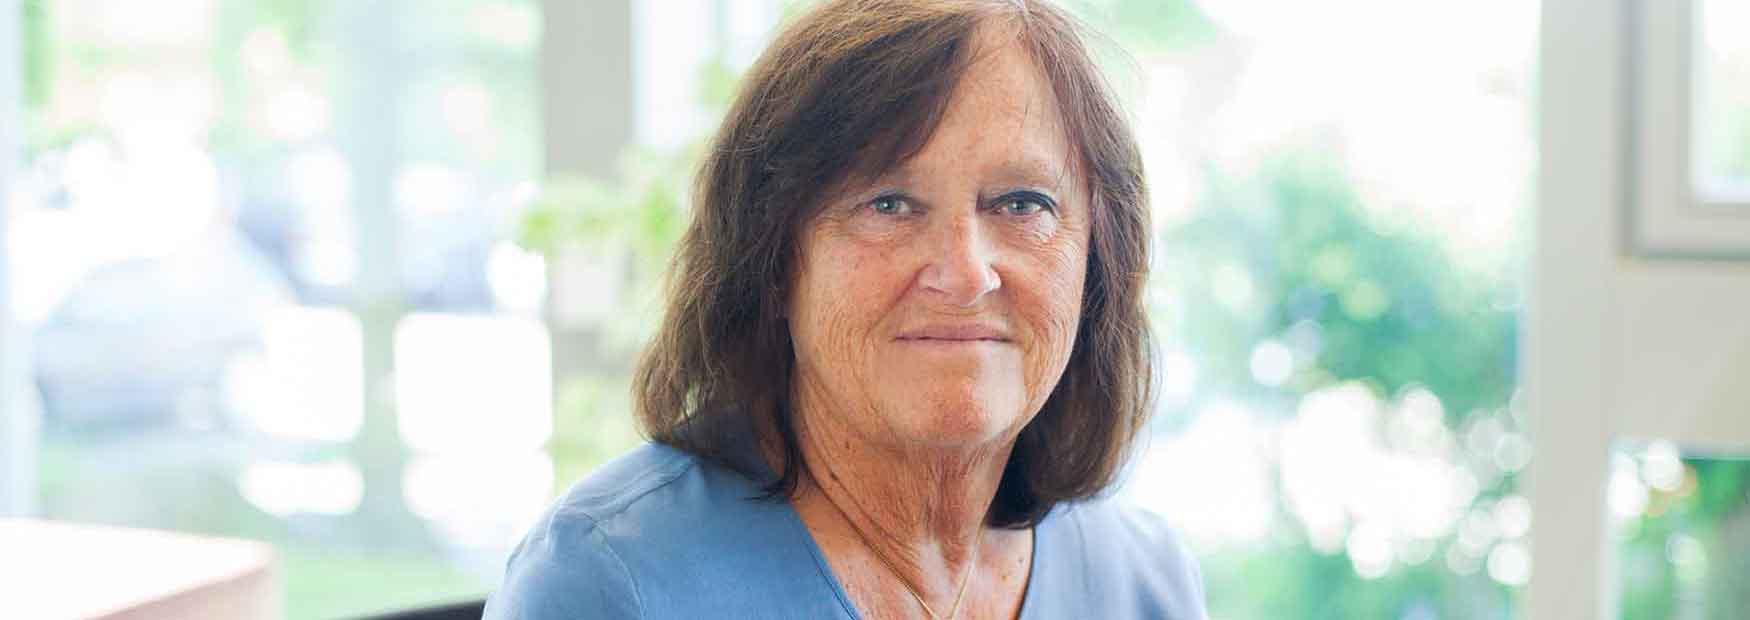 Eleonore Wunder, Rechtsanwältin für Unfallopfer